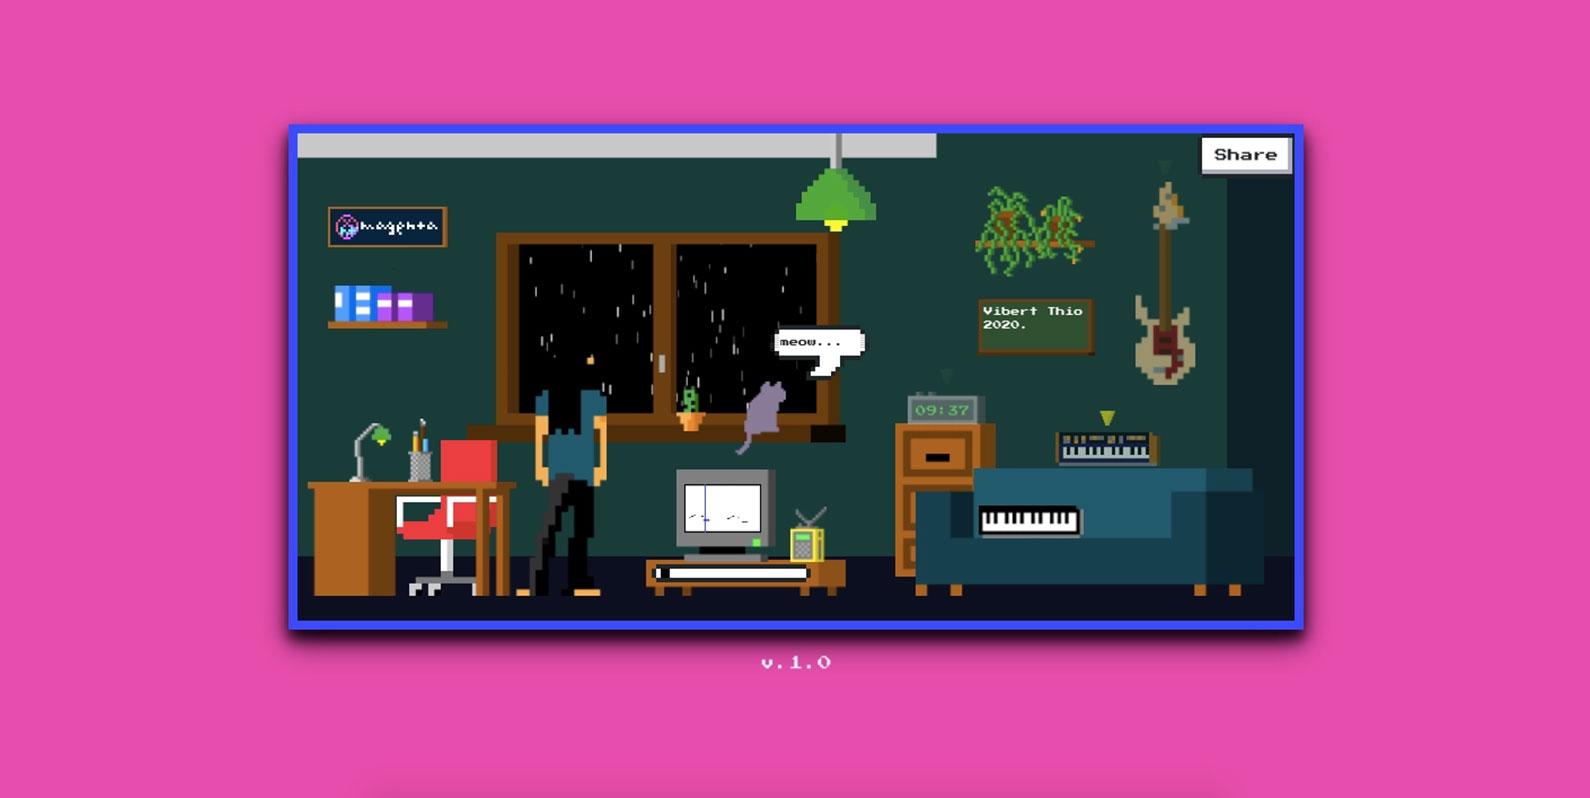 Crie sua própria playlist de quarentena com a Inteligência Artificial (IA) do Google